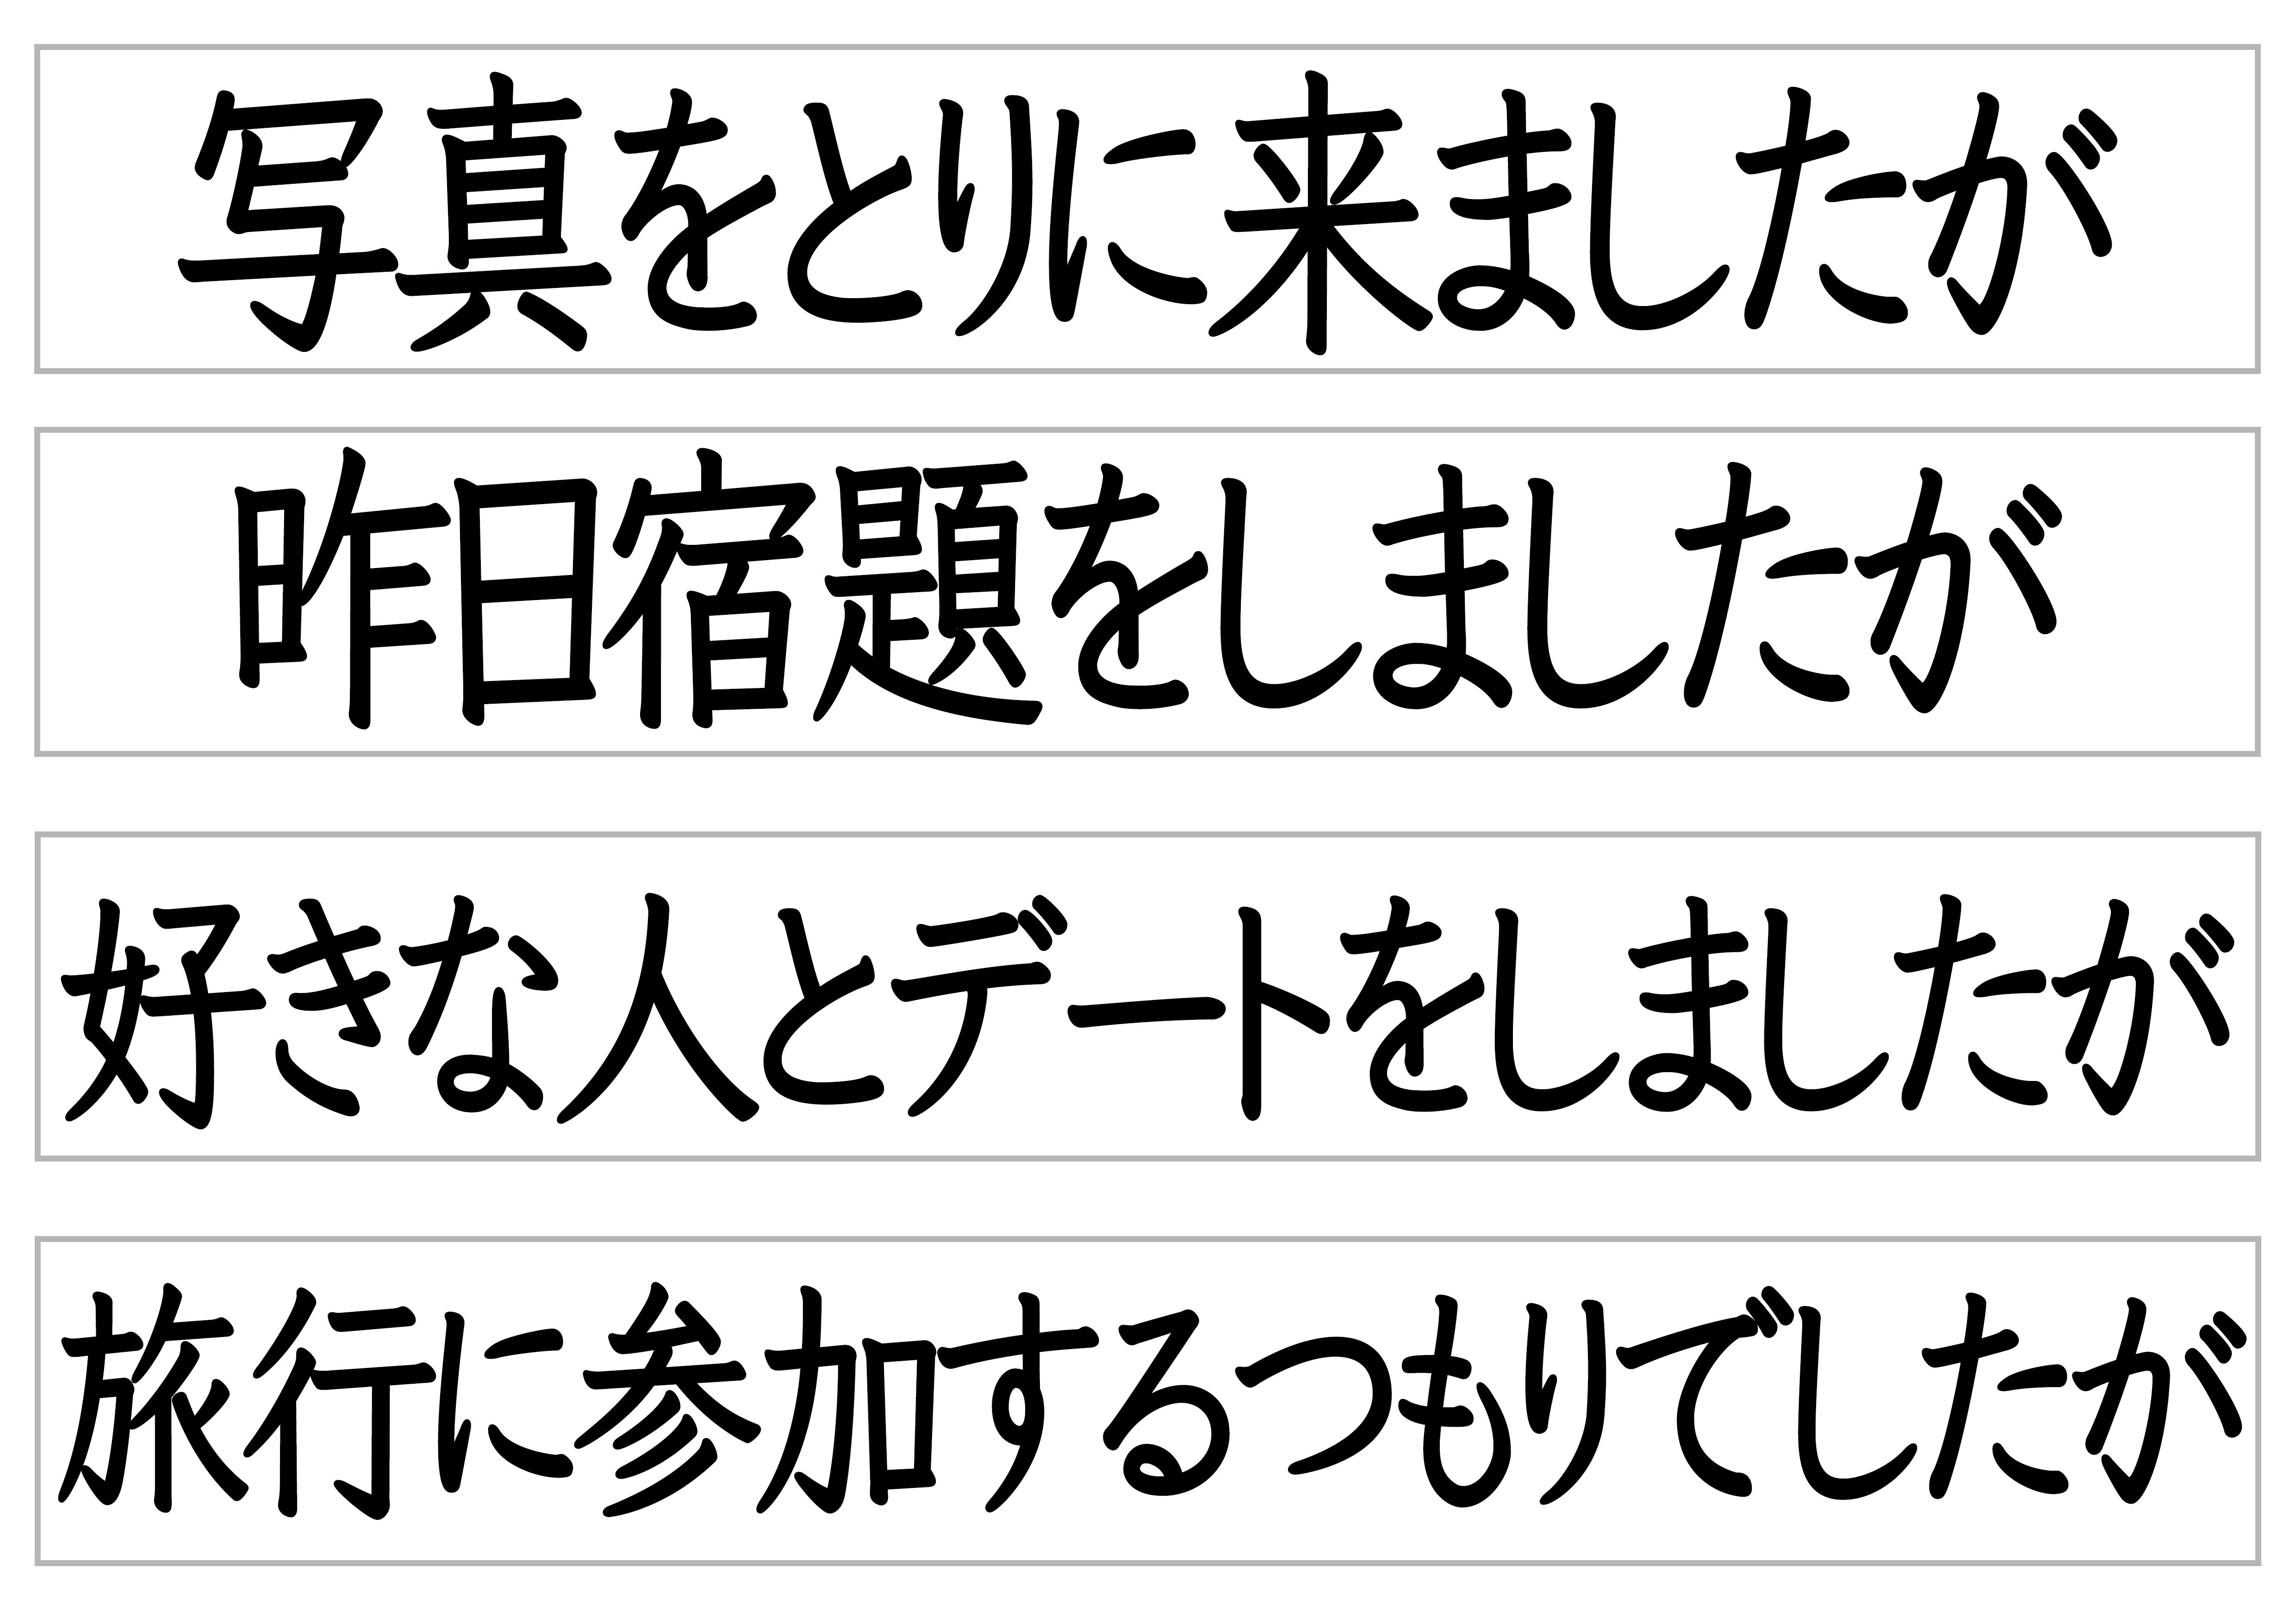 38課文字カード【のは/のが】